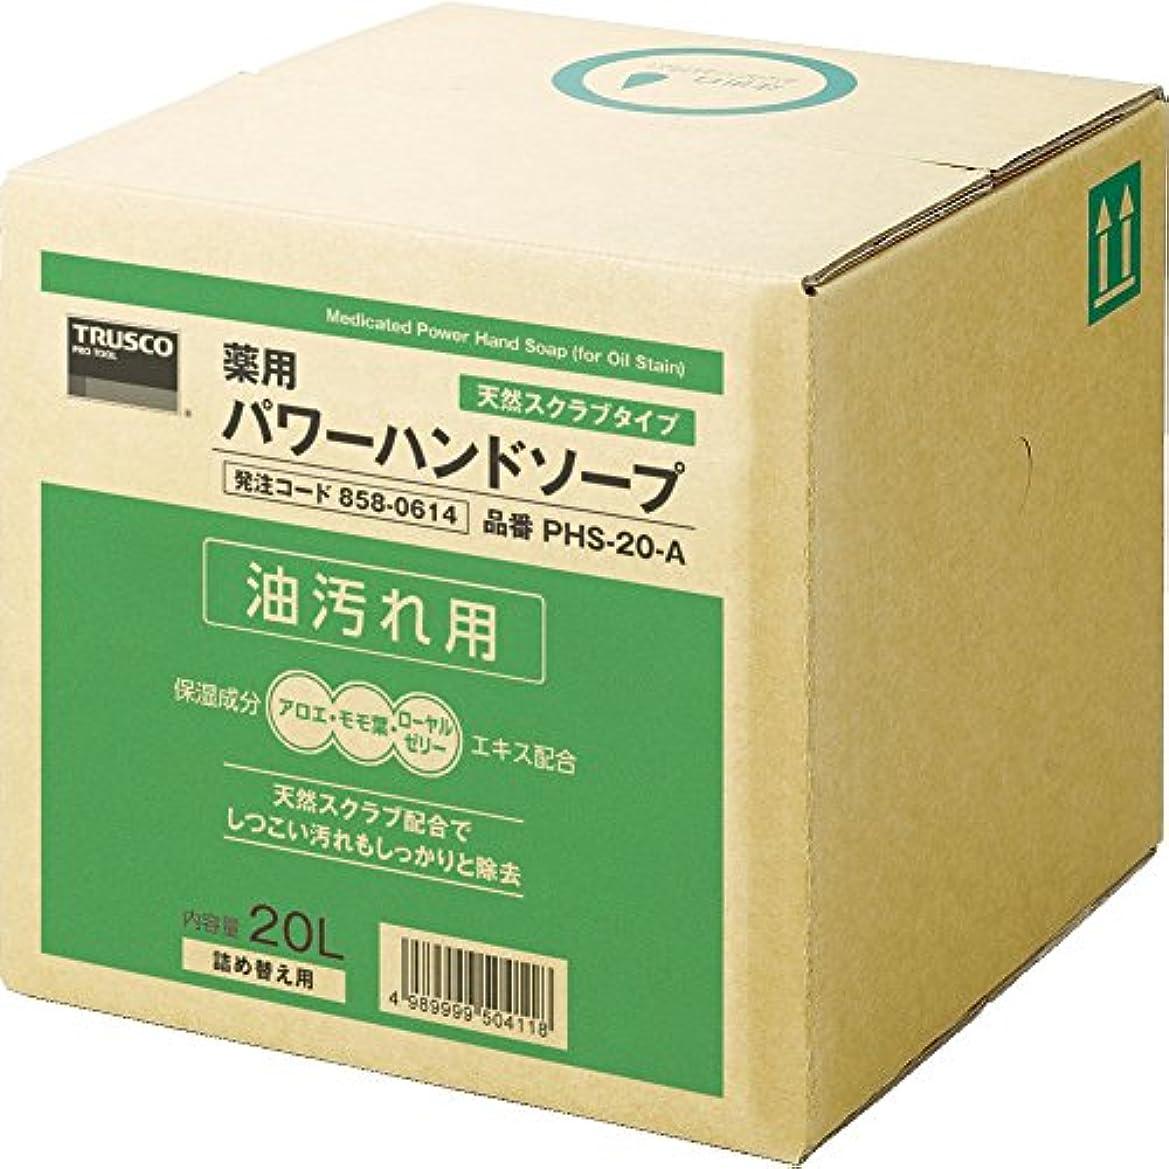 手のひら無能息子TRUSCO(トラスコ) 薬用パワーハンドソープ 20L PHS-20-A